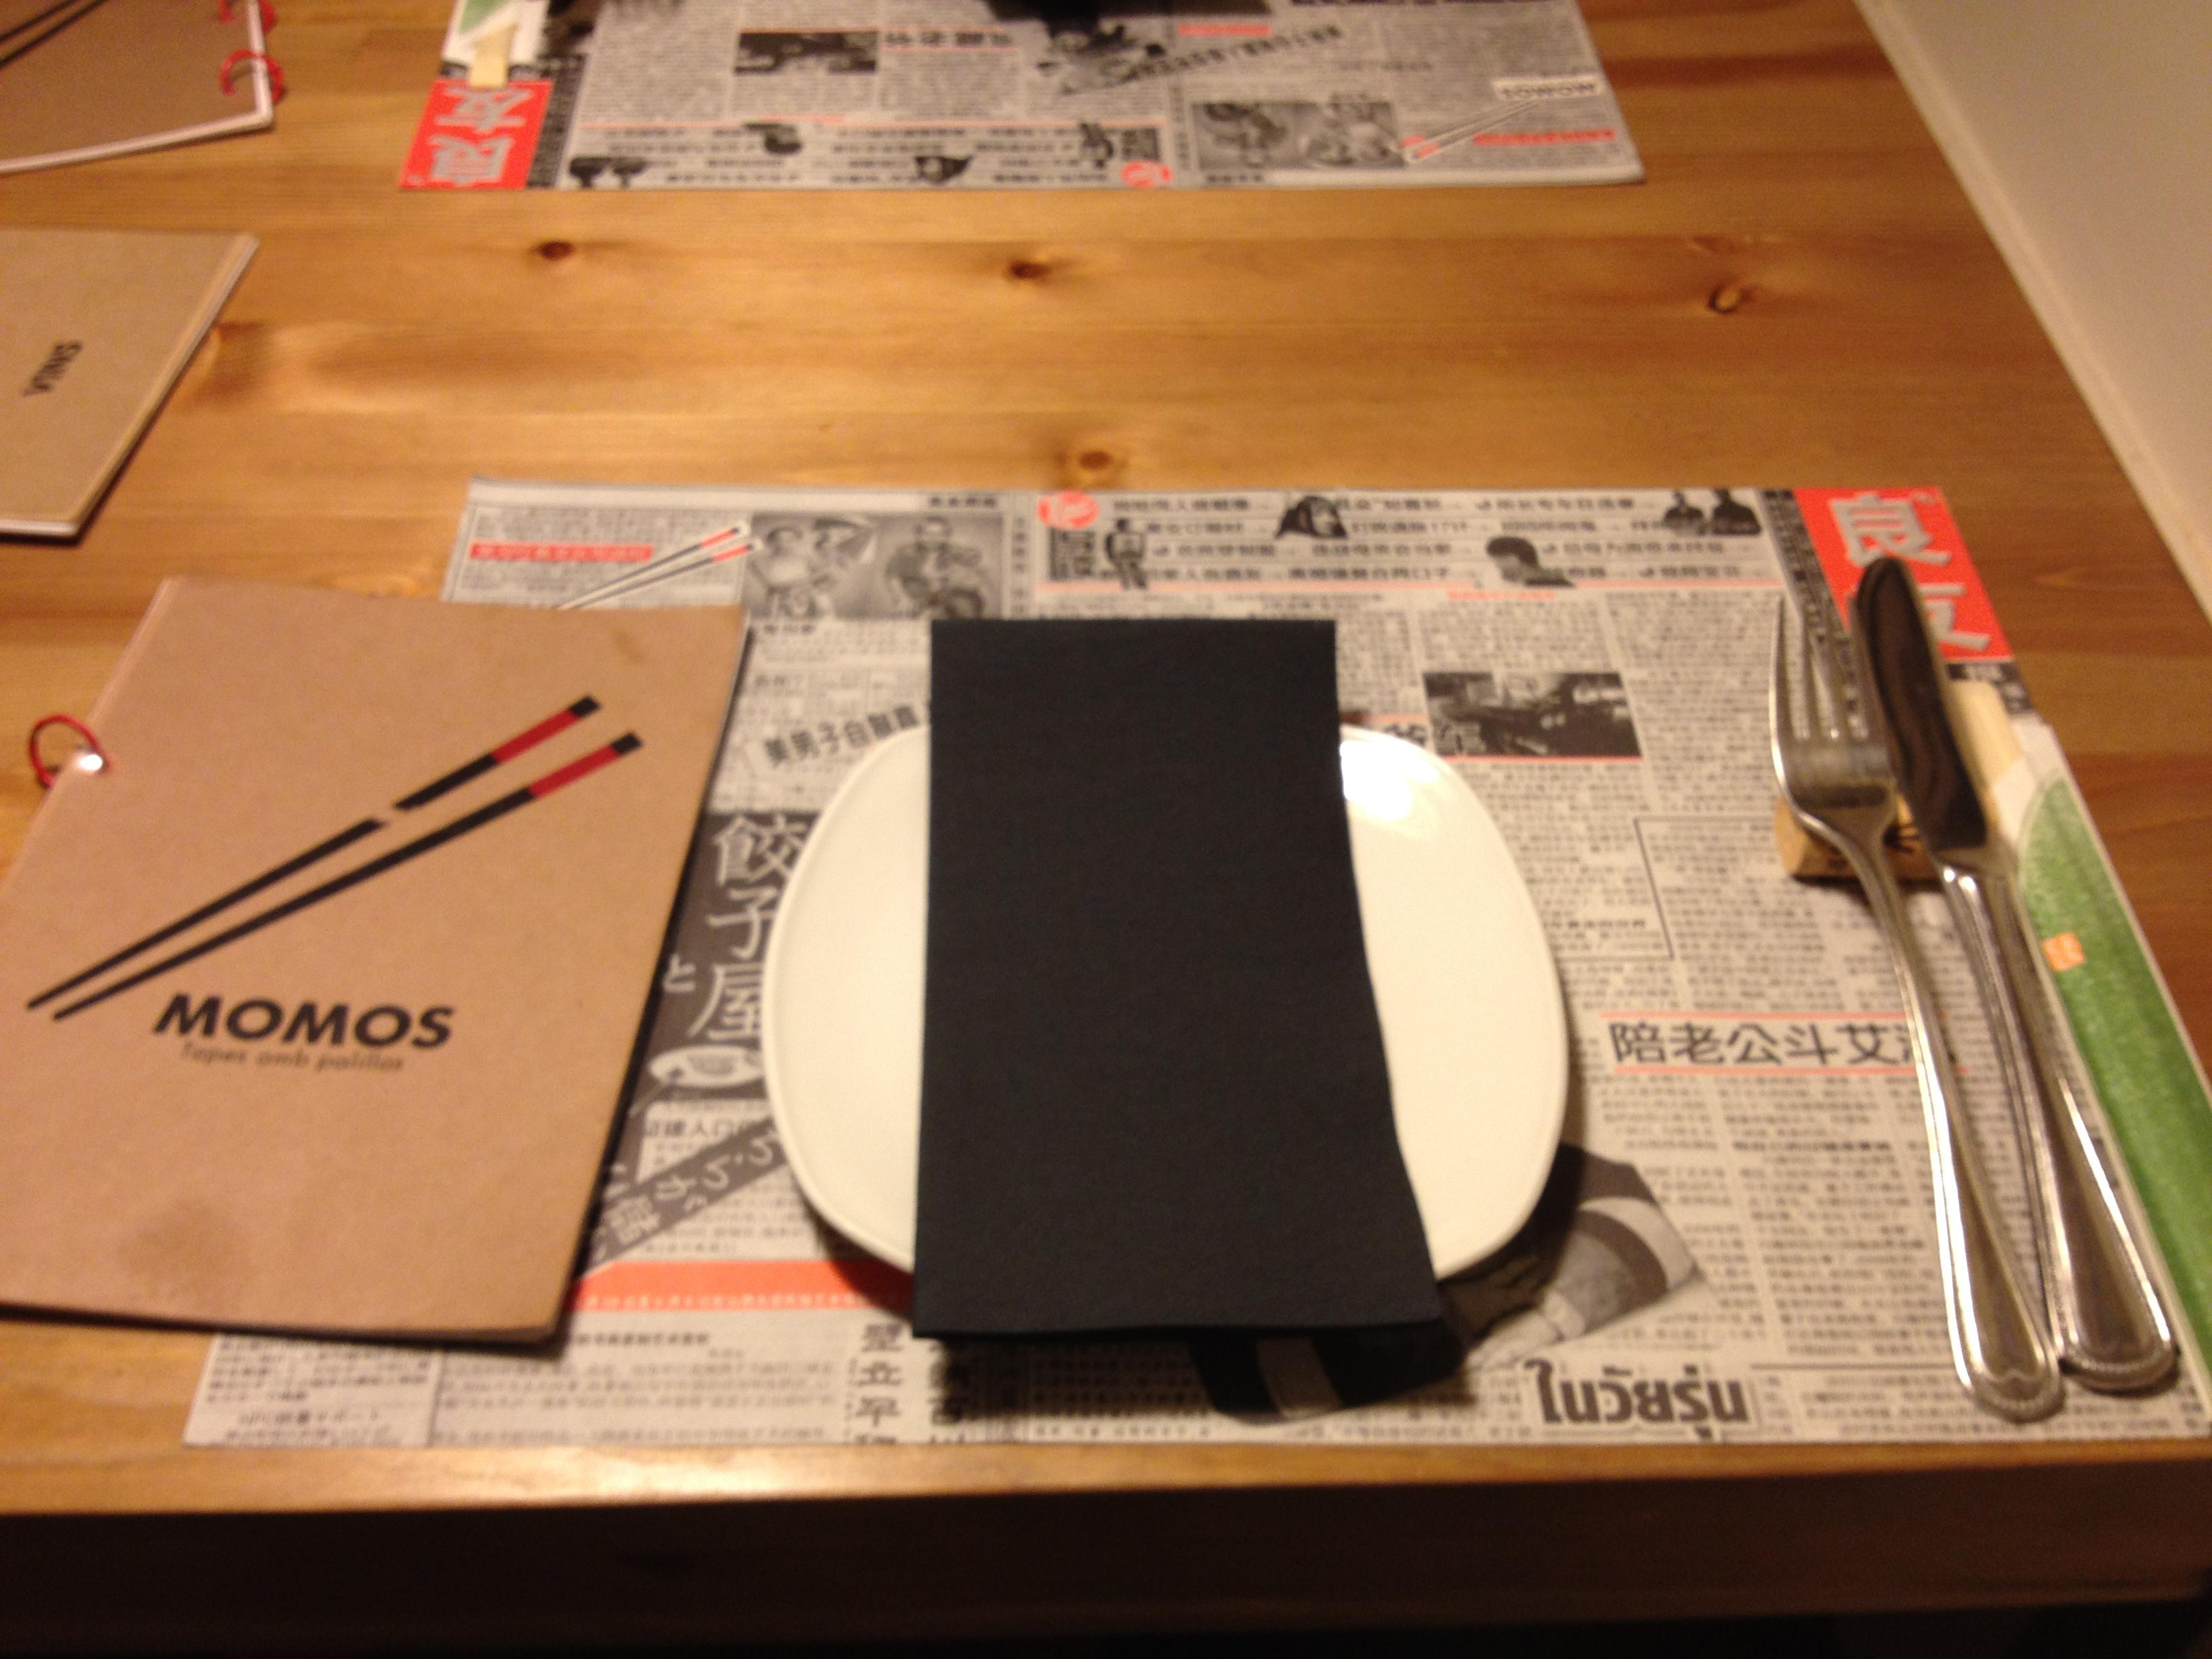 Presentacio taula plat momos